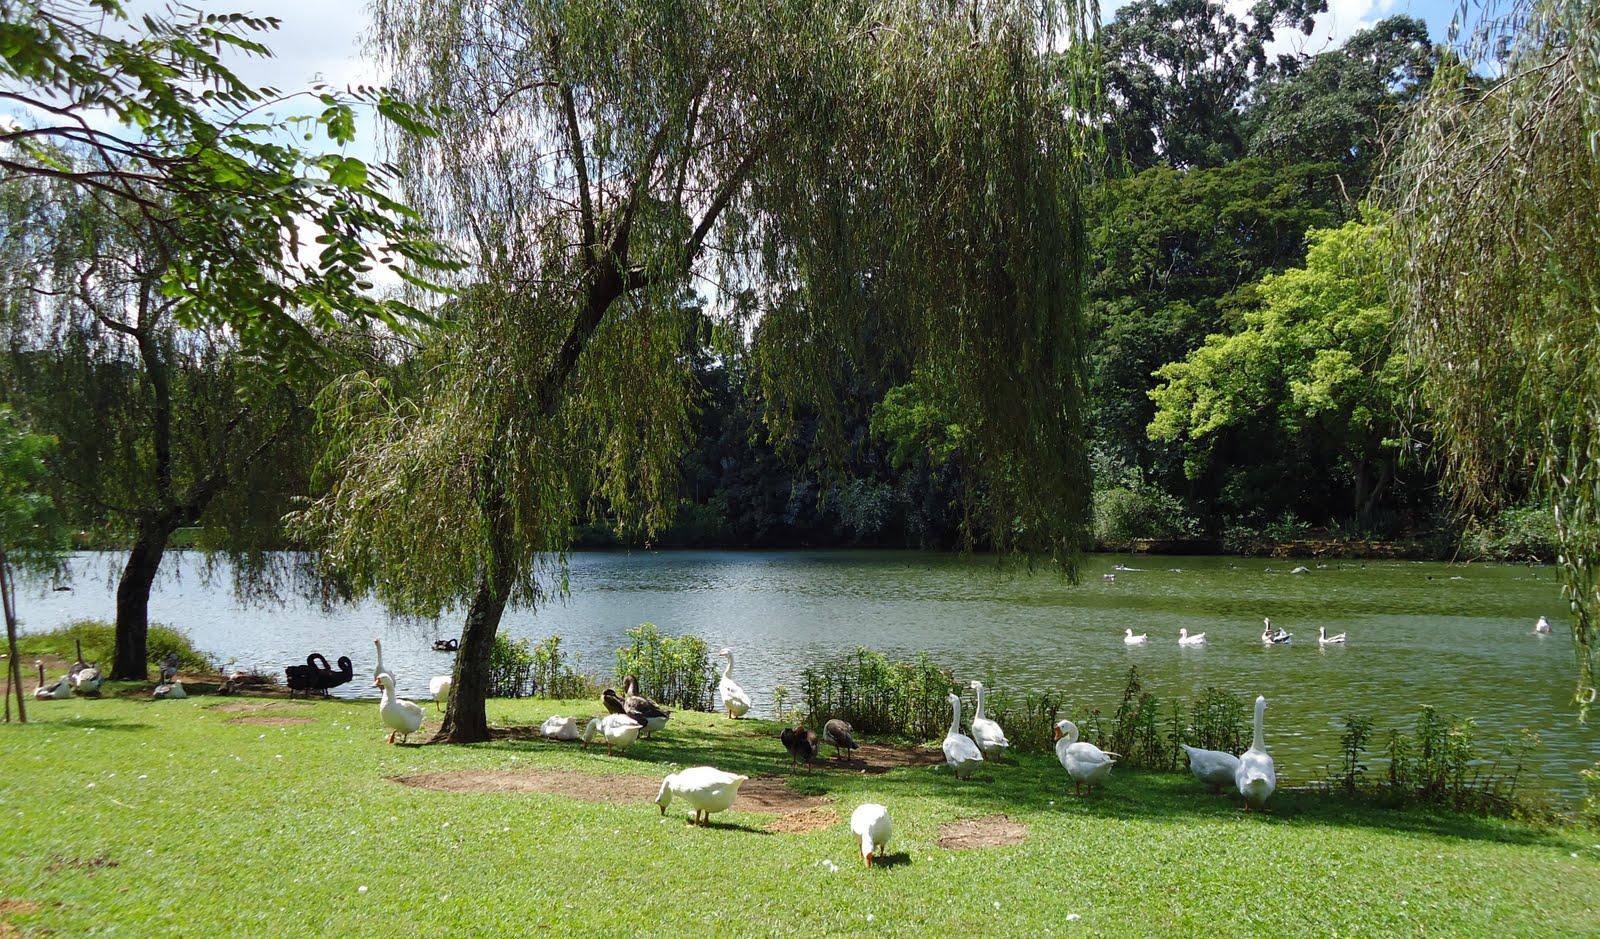 Passear no parque, ler um livro, fazer um piquenique!